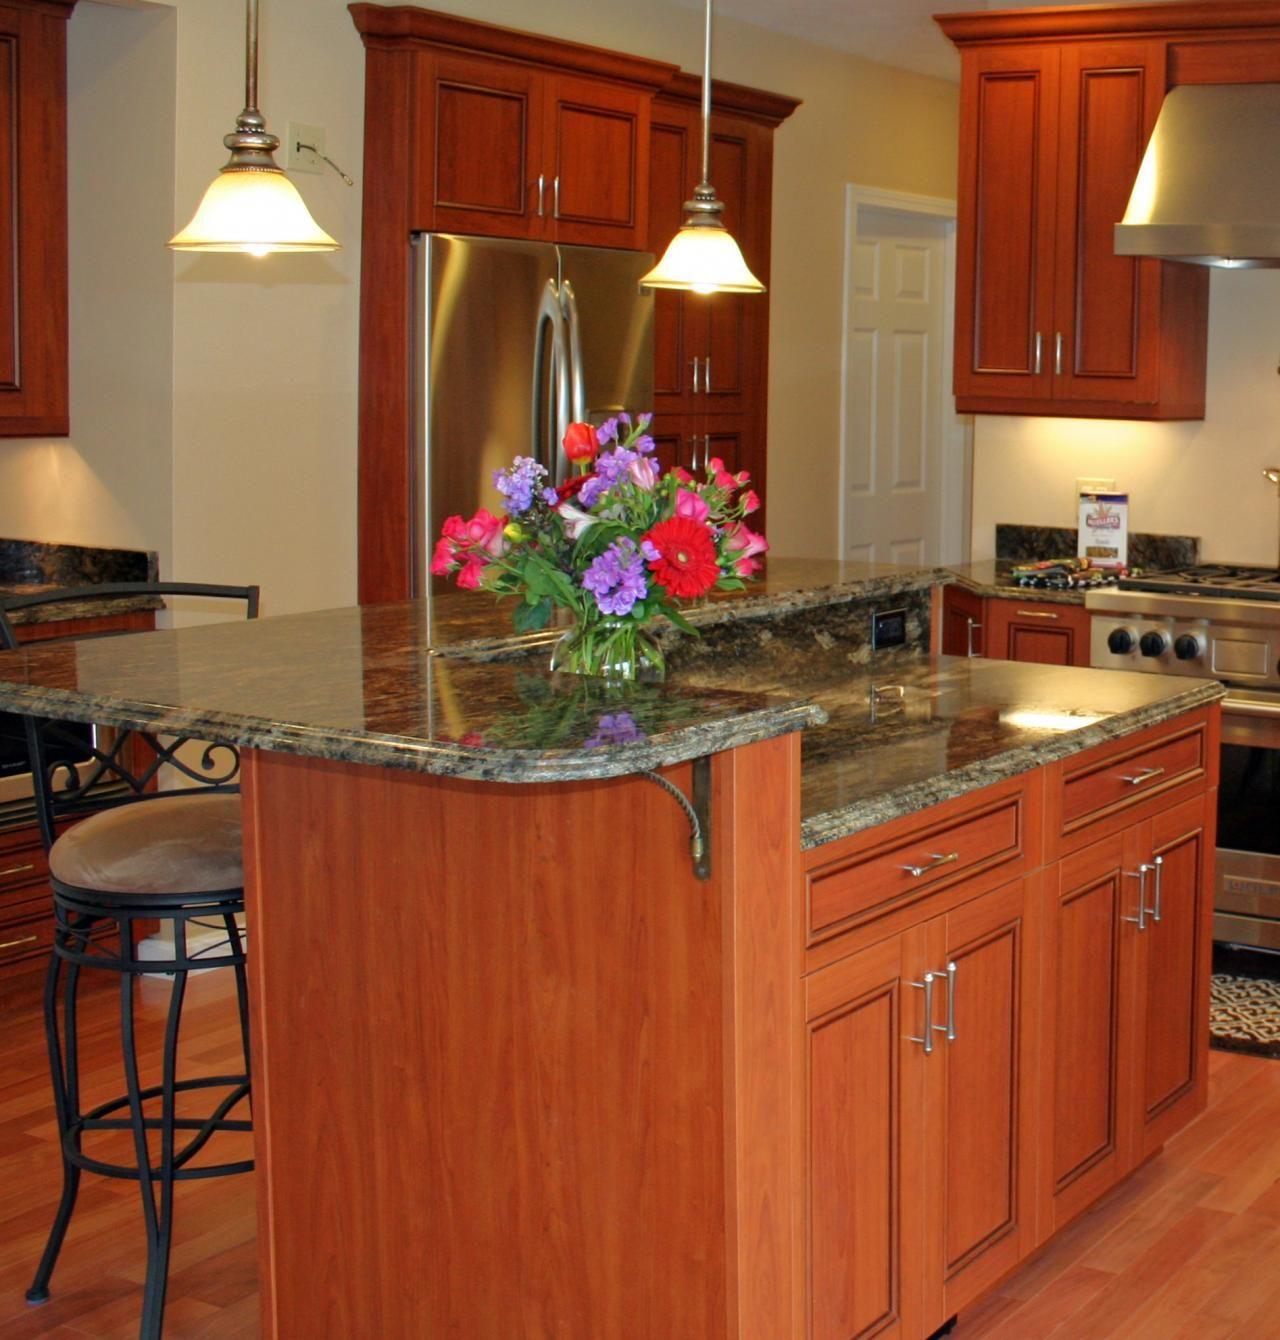 Kitchen Island With 2 Levels Kitchen Islands Pinterest